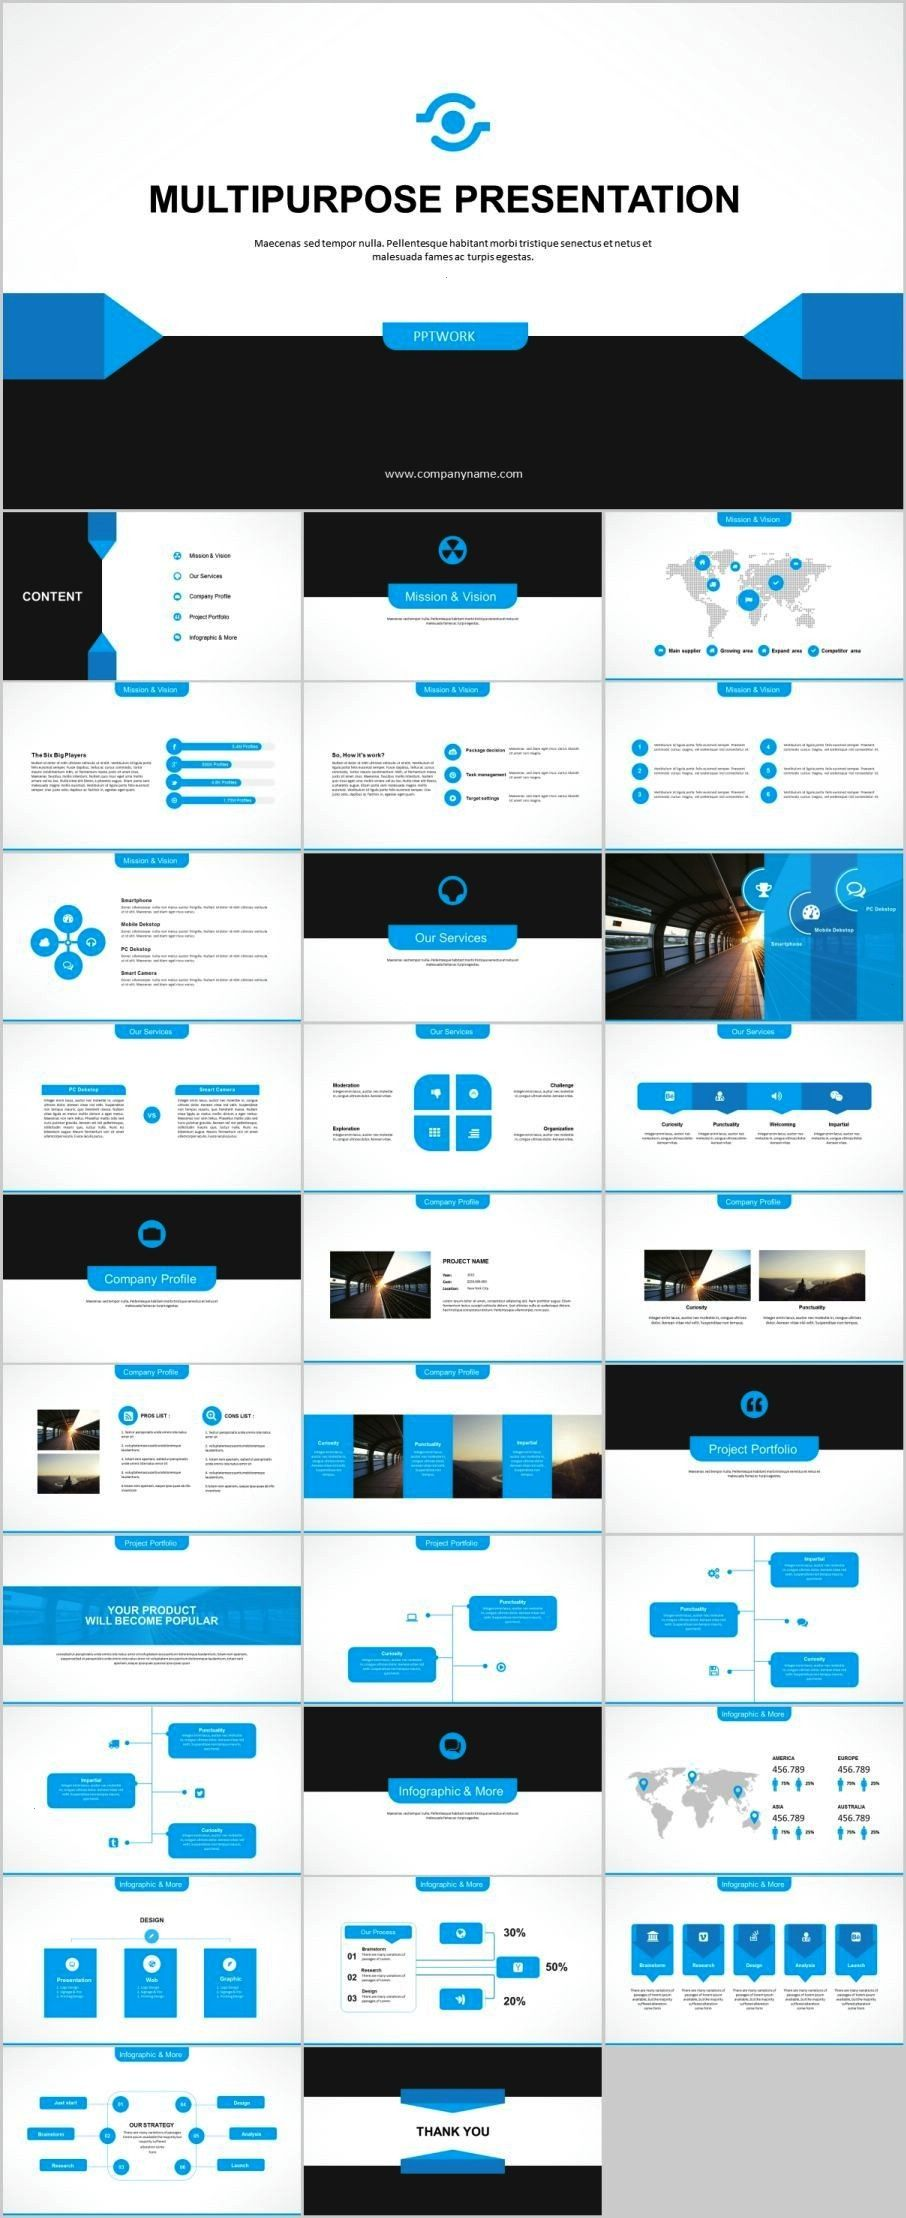 Pin von Willi Wox auf Graphics, Typo & Web in 2020